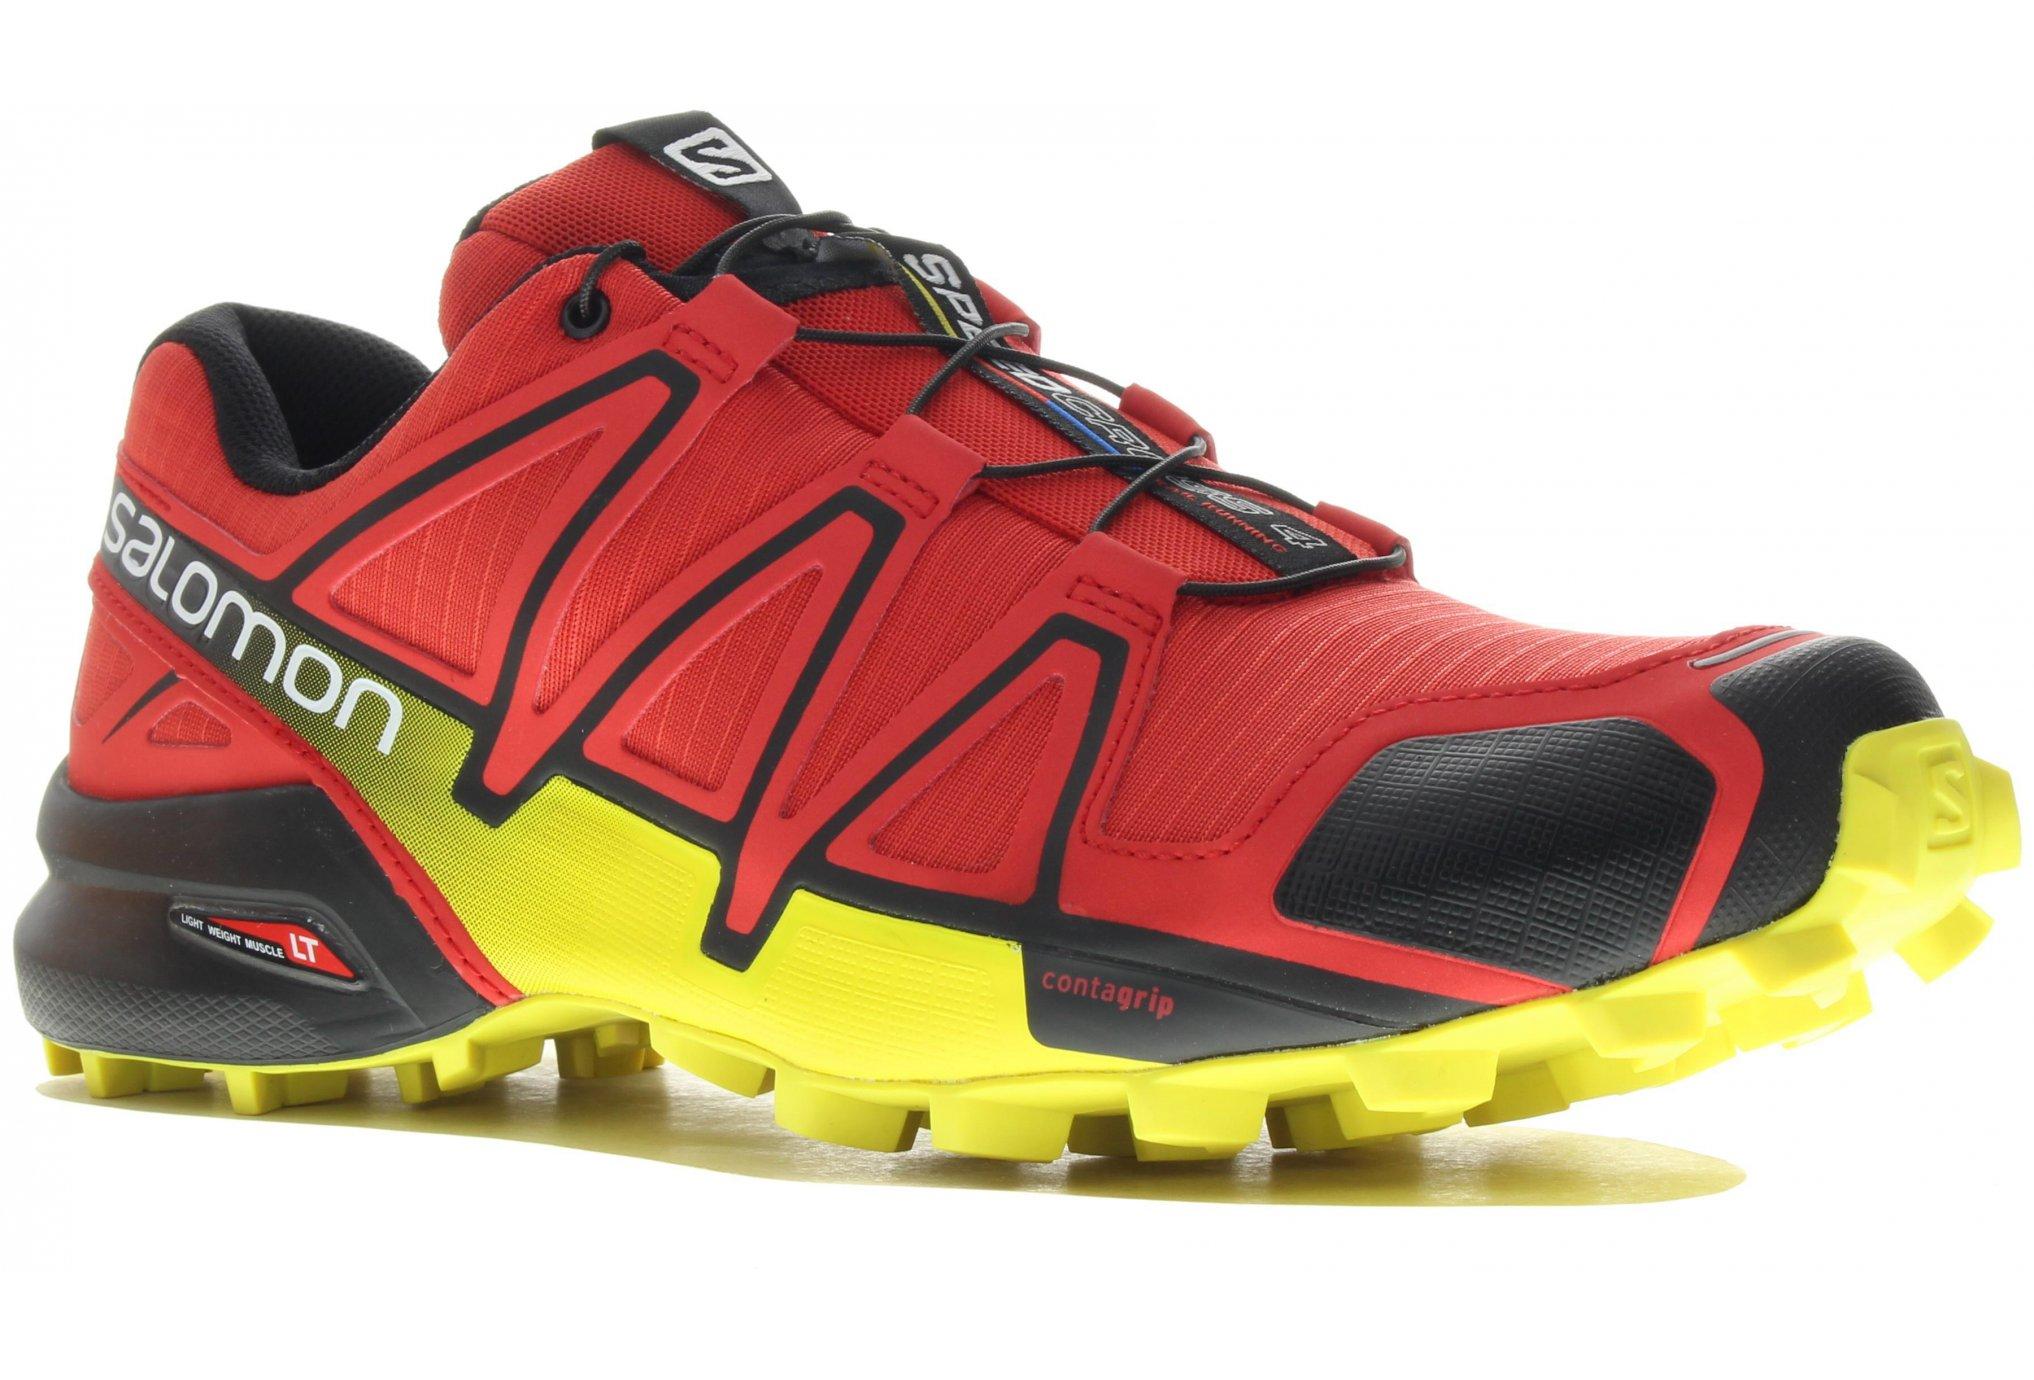 premier taux couleur n brillante offre spéciale Top 10 : les meilleures chaussures de trail en 2018 | u-Trail